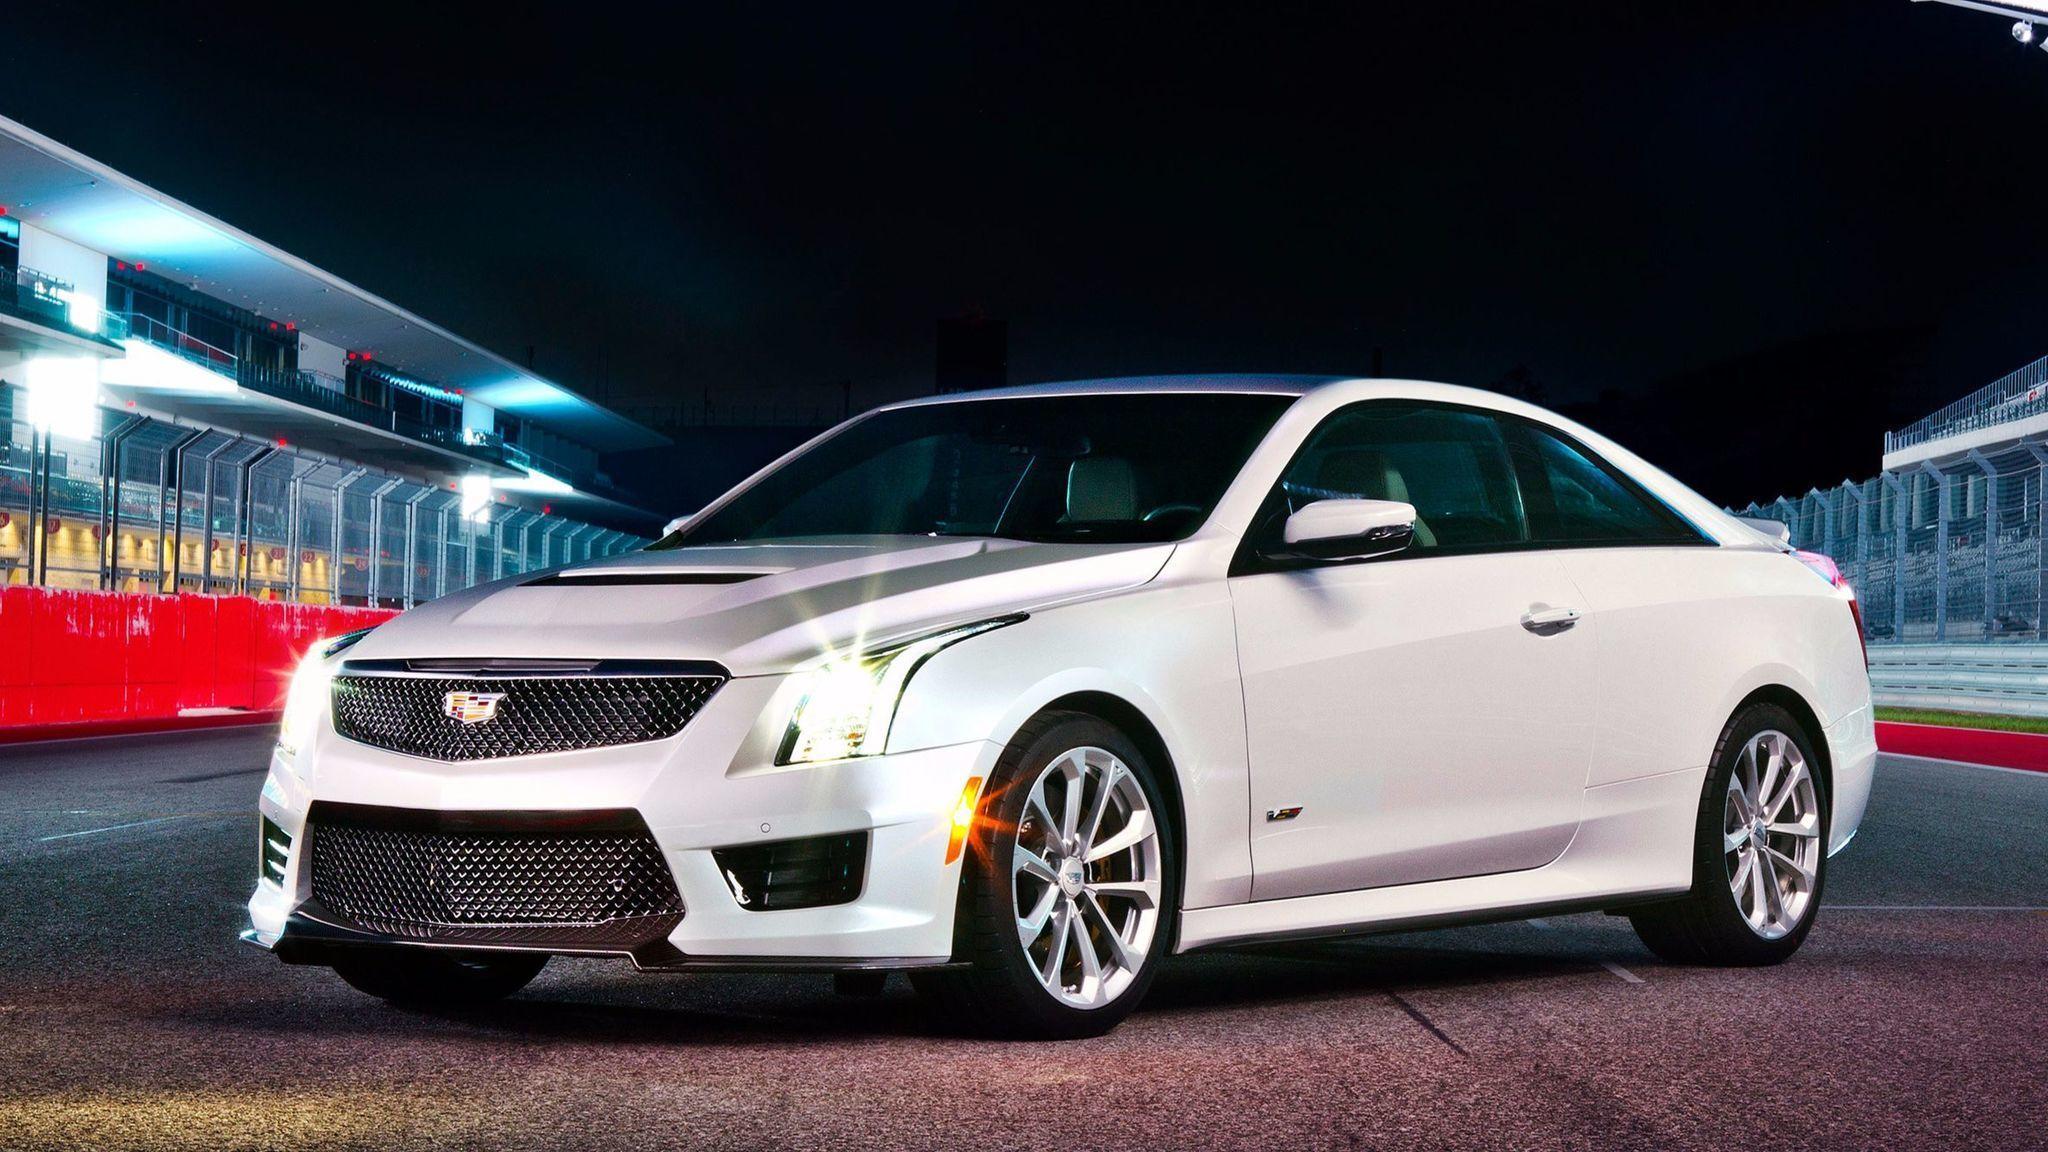 2017 Cadillac ATS-V: Under-the-radar speedster - The San ...